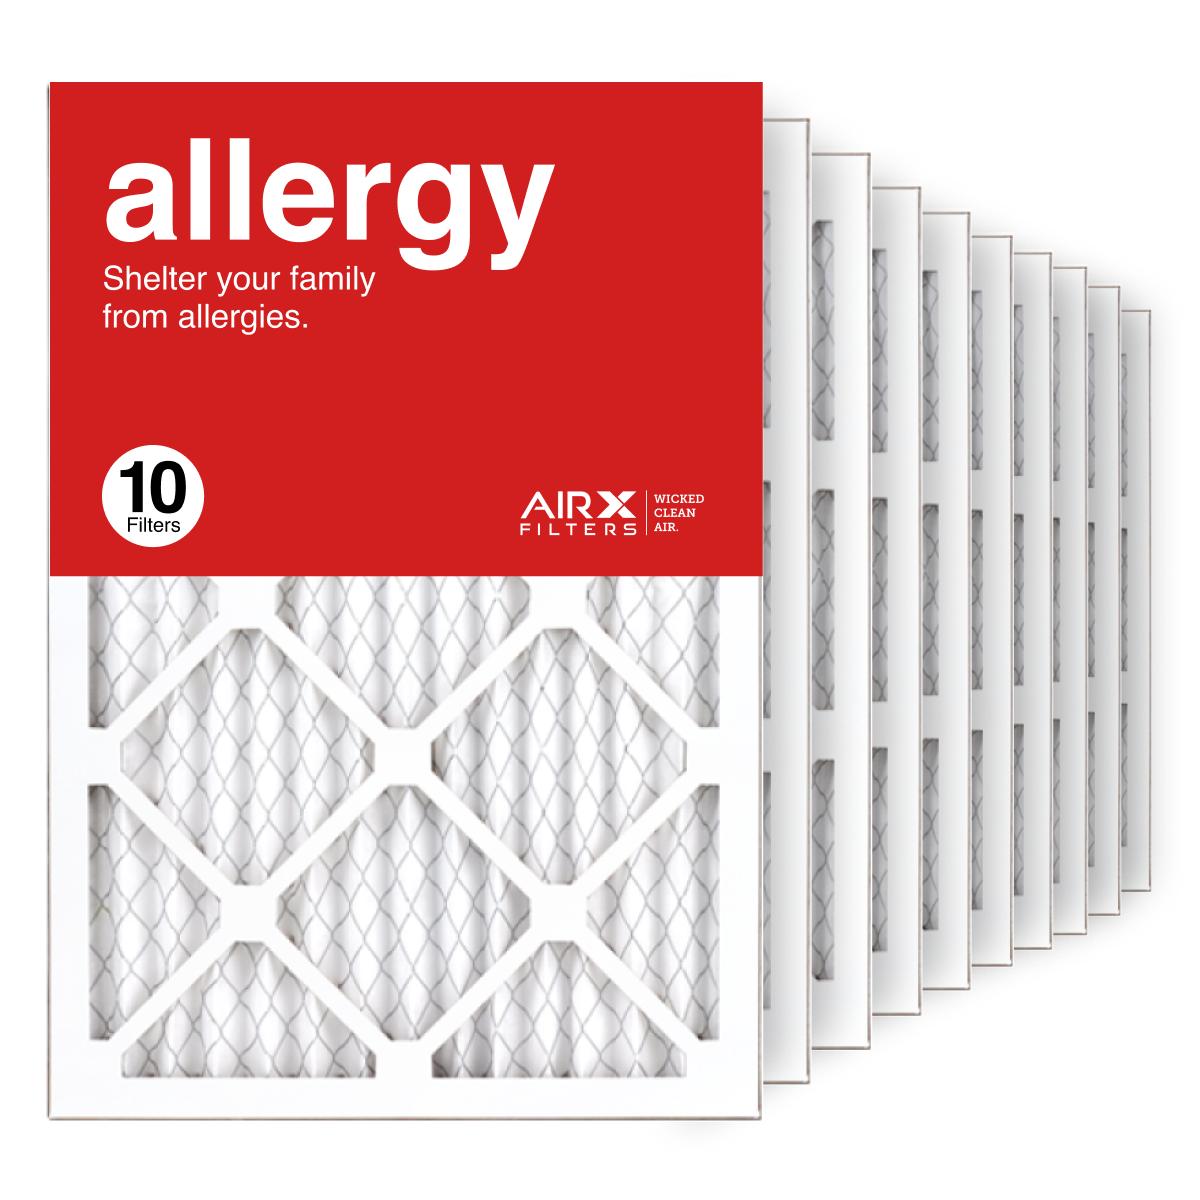 14x20x1 AIRx ALLERGY Air Filter, 10-Pack